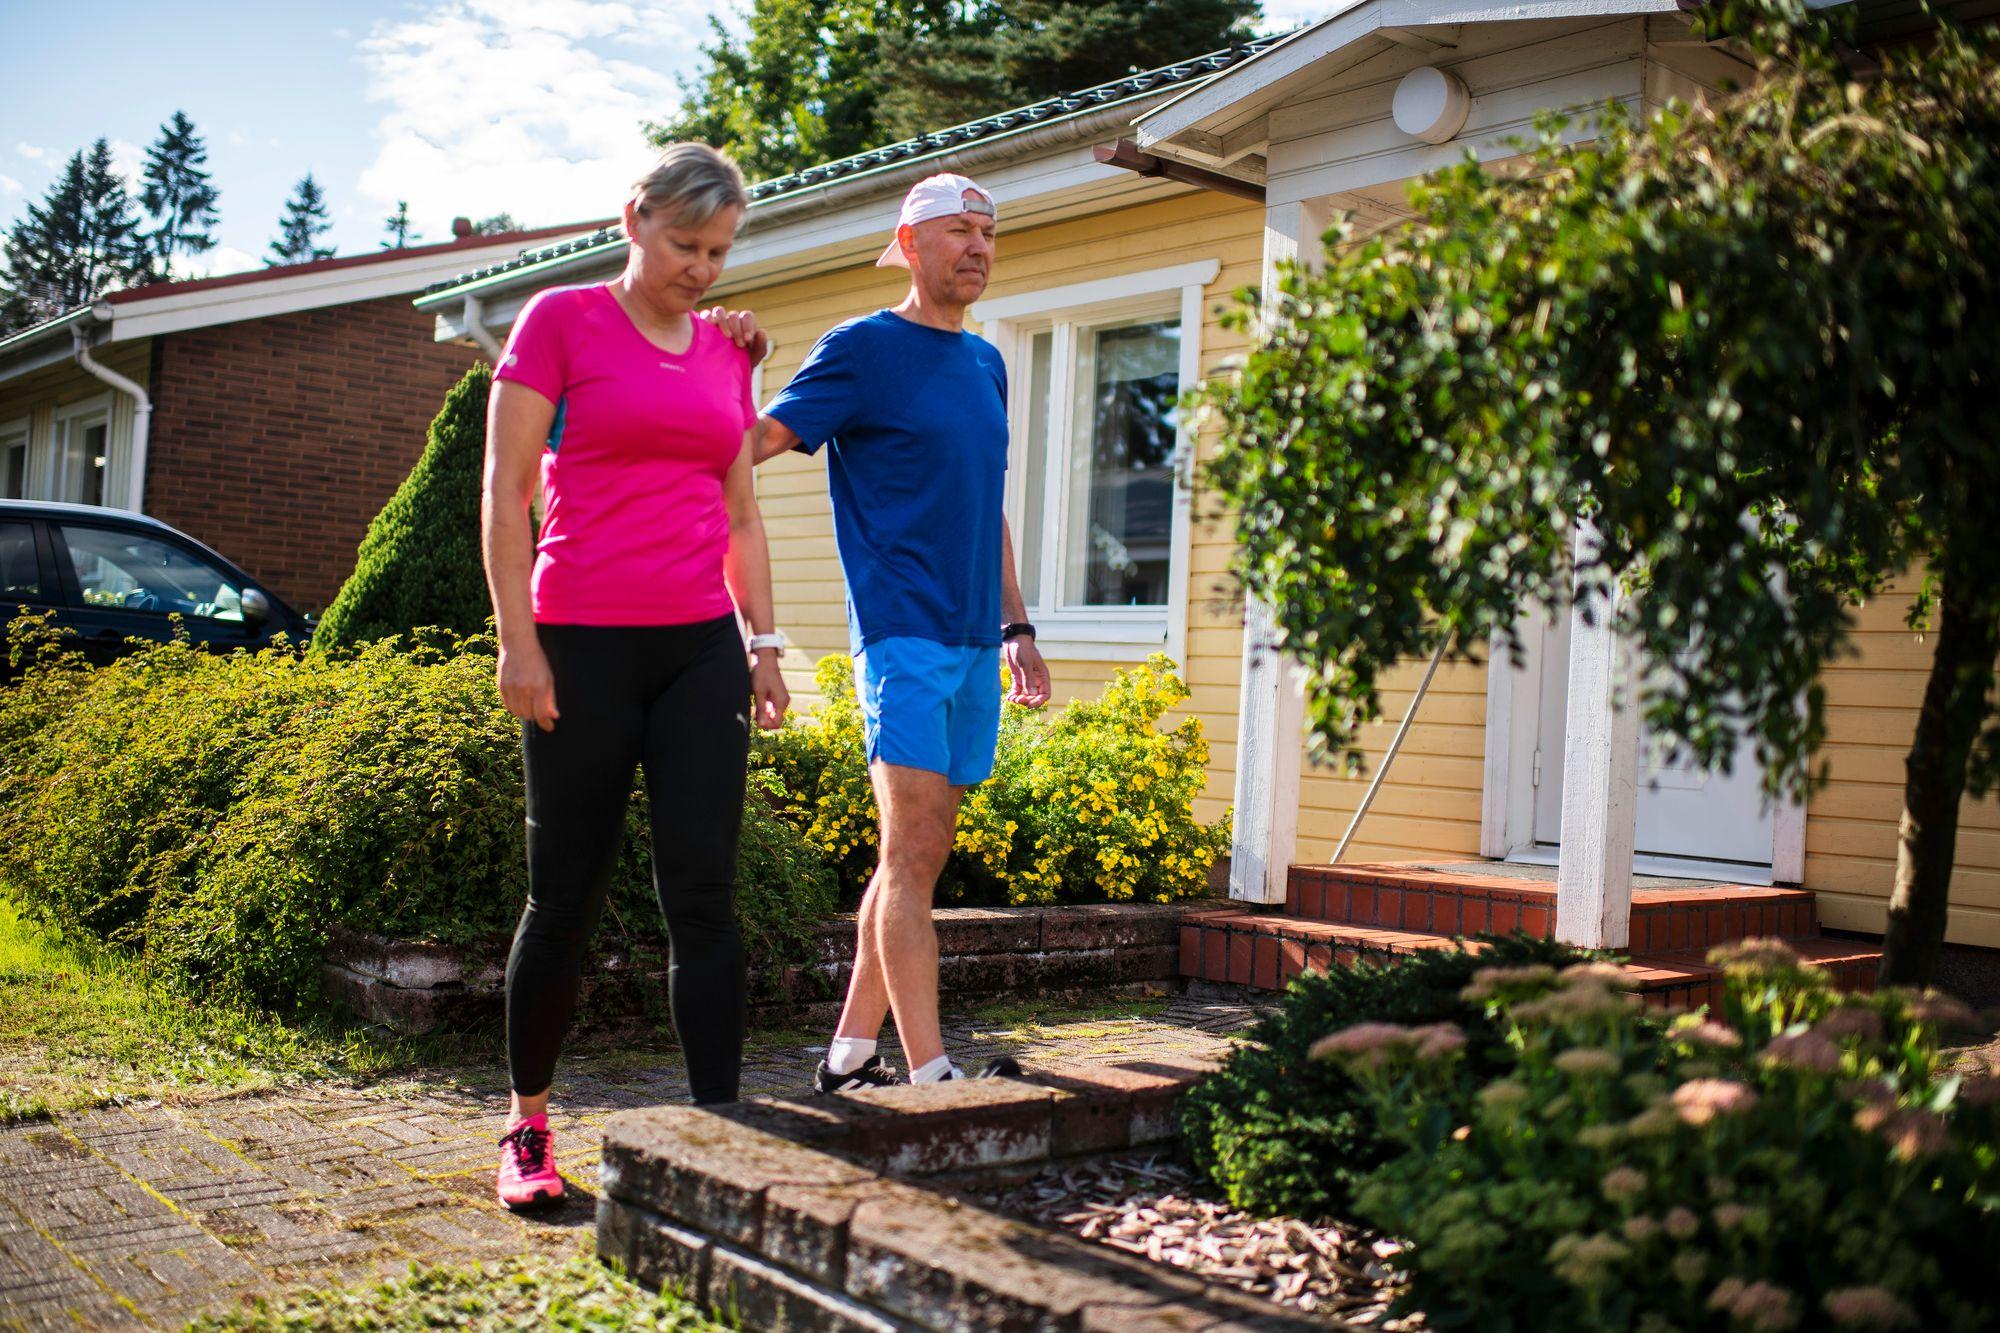 Eija ja Marco Färmille liikunta on tärkeä yhteinen harrastus. © Vesa Koivunen